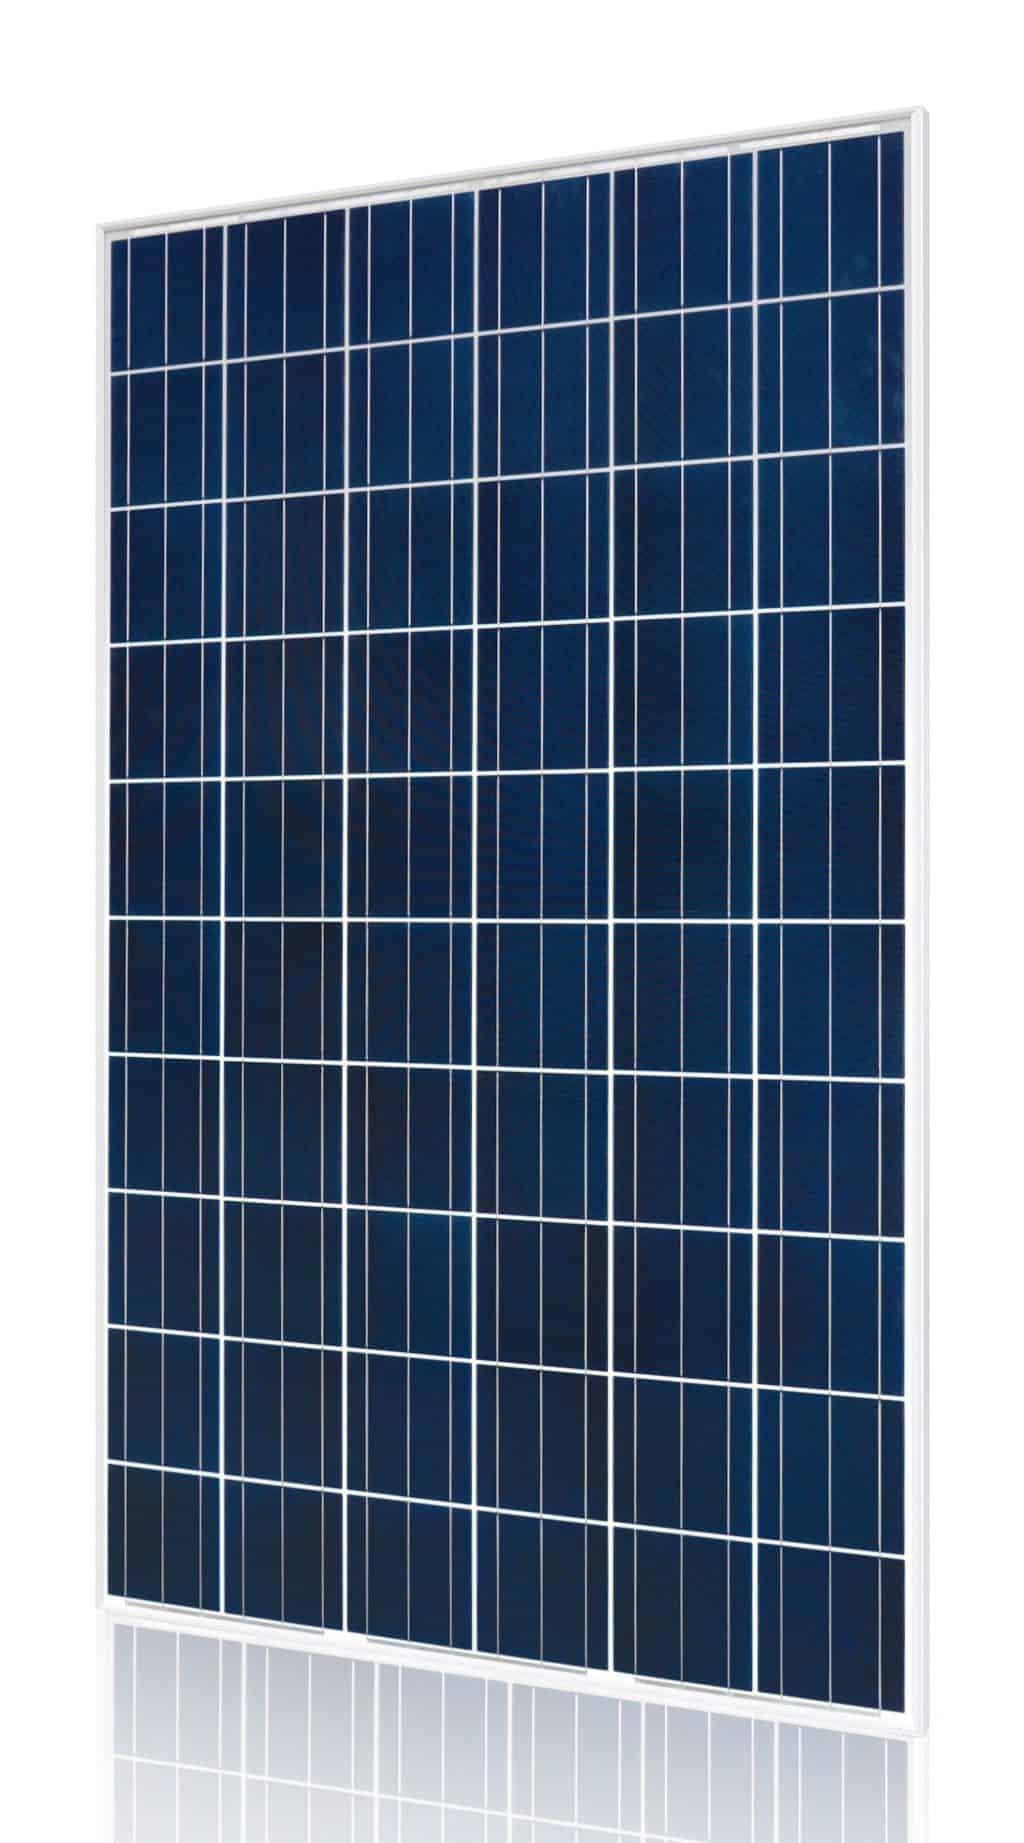 Hyundai HiS-M260RG Black Frame, White Backsheet Poly Solar Panel